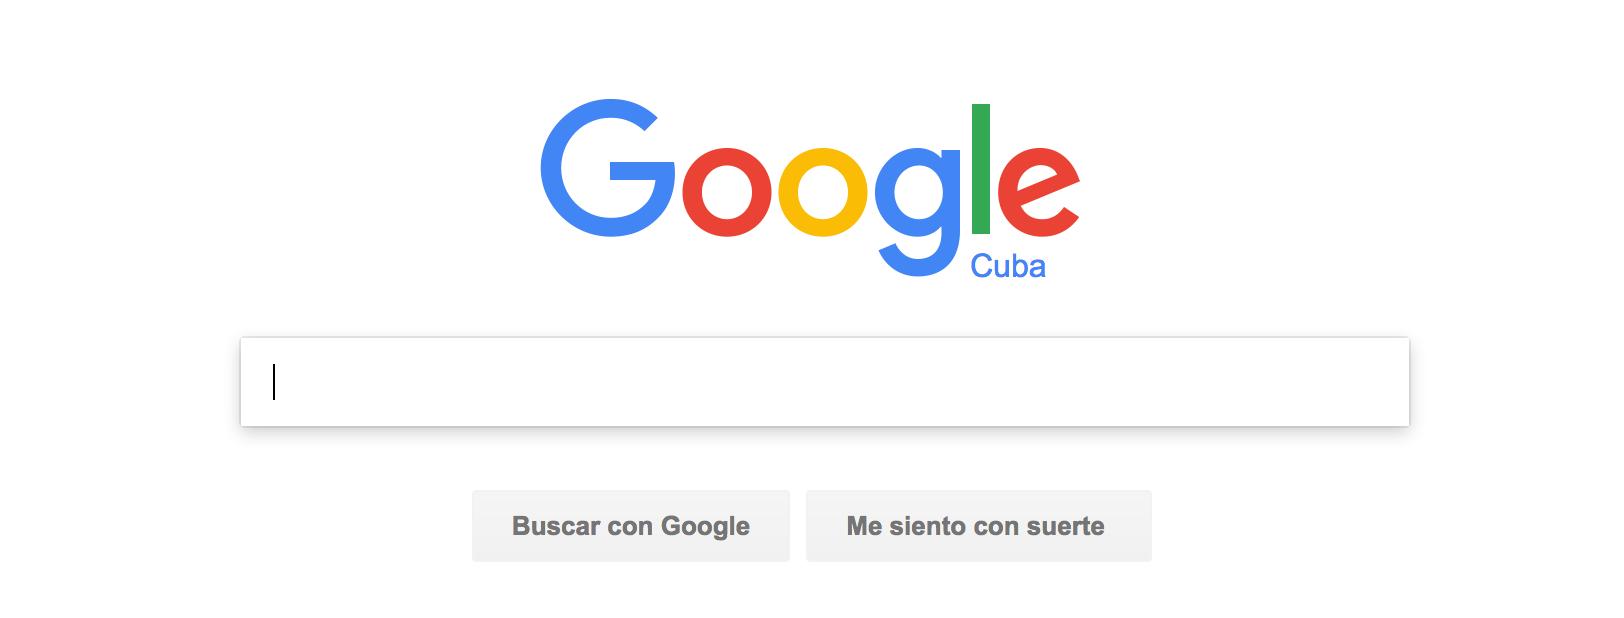 Google y el gobierno cubano han firmado un acuerdo. La imagen es una captura de pantalla.